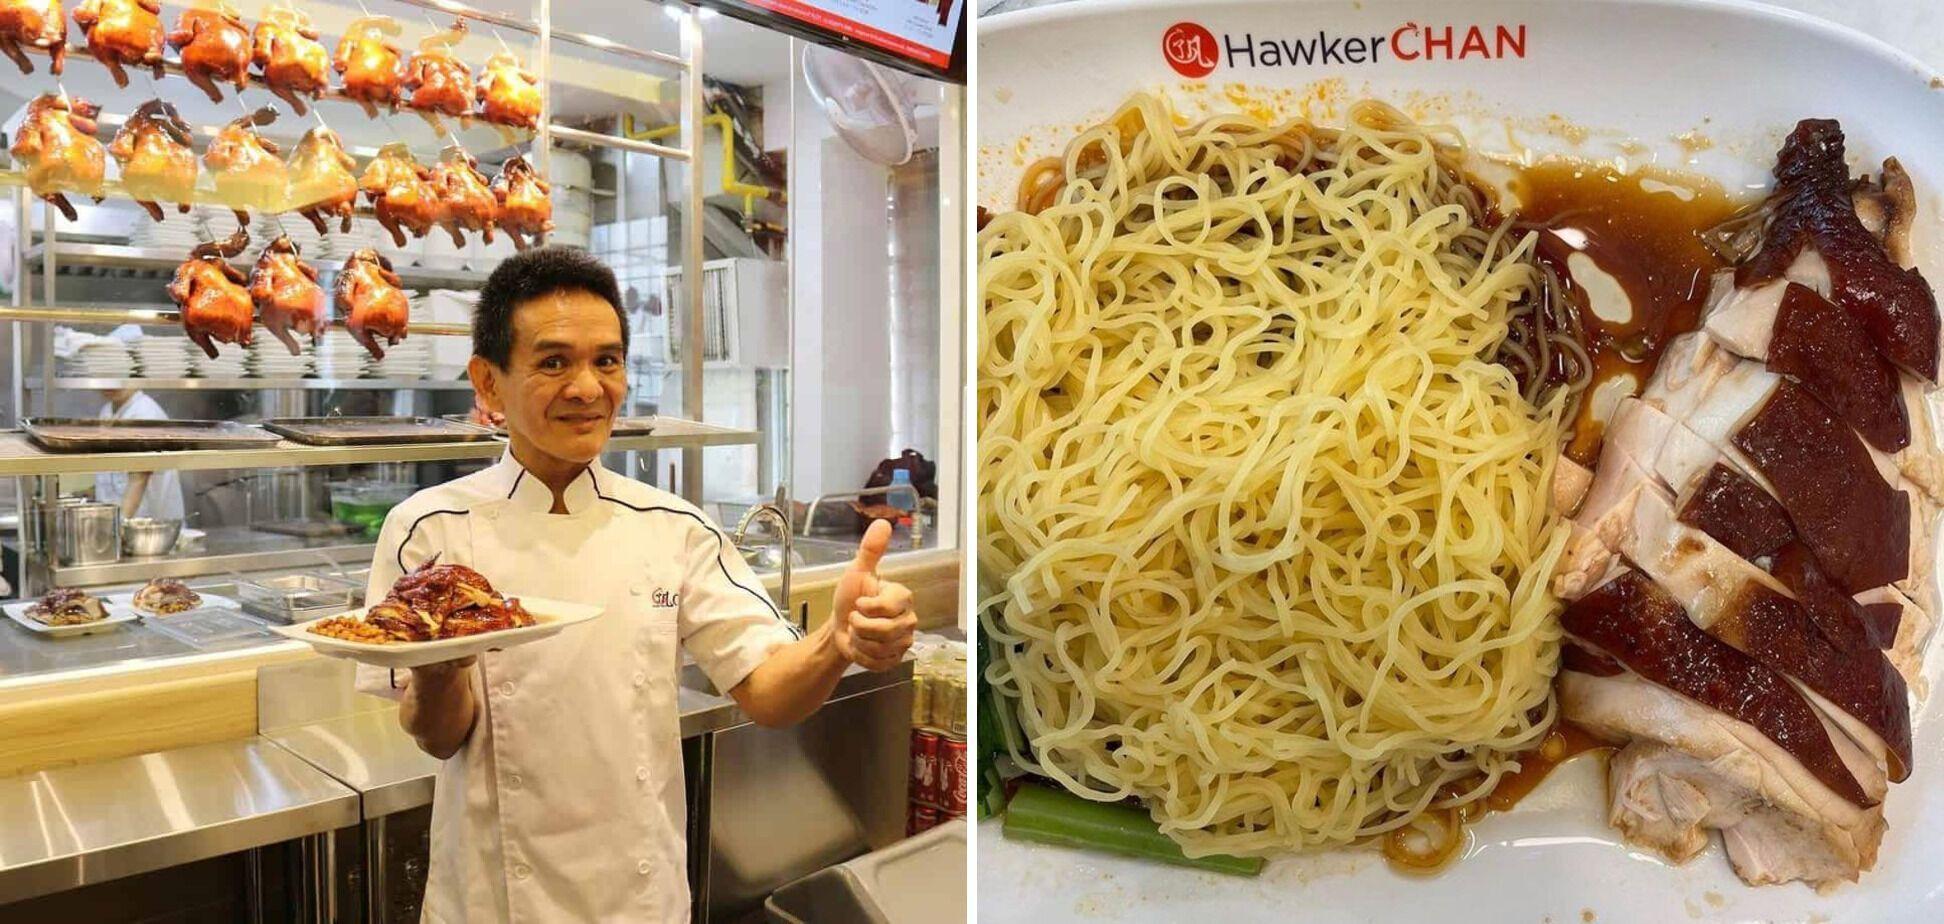 Страва, через яку заклад Hawker Chan став популярним